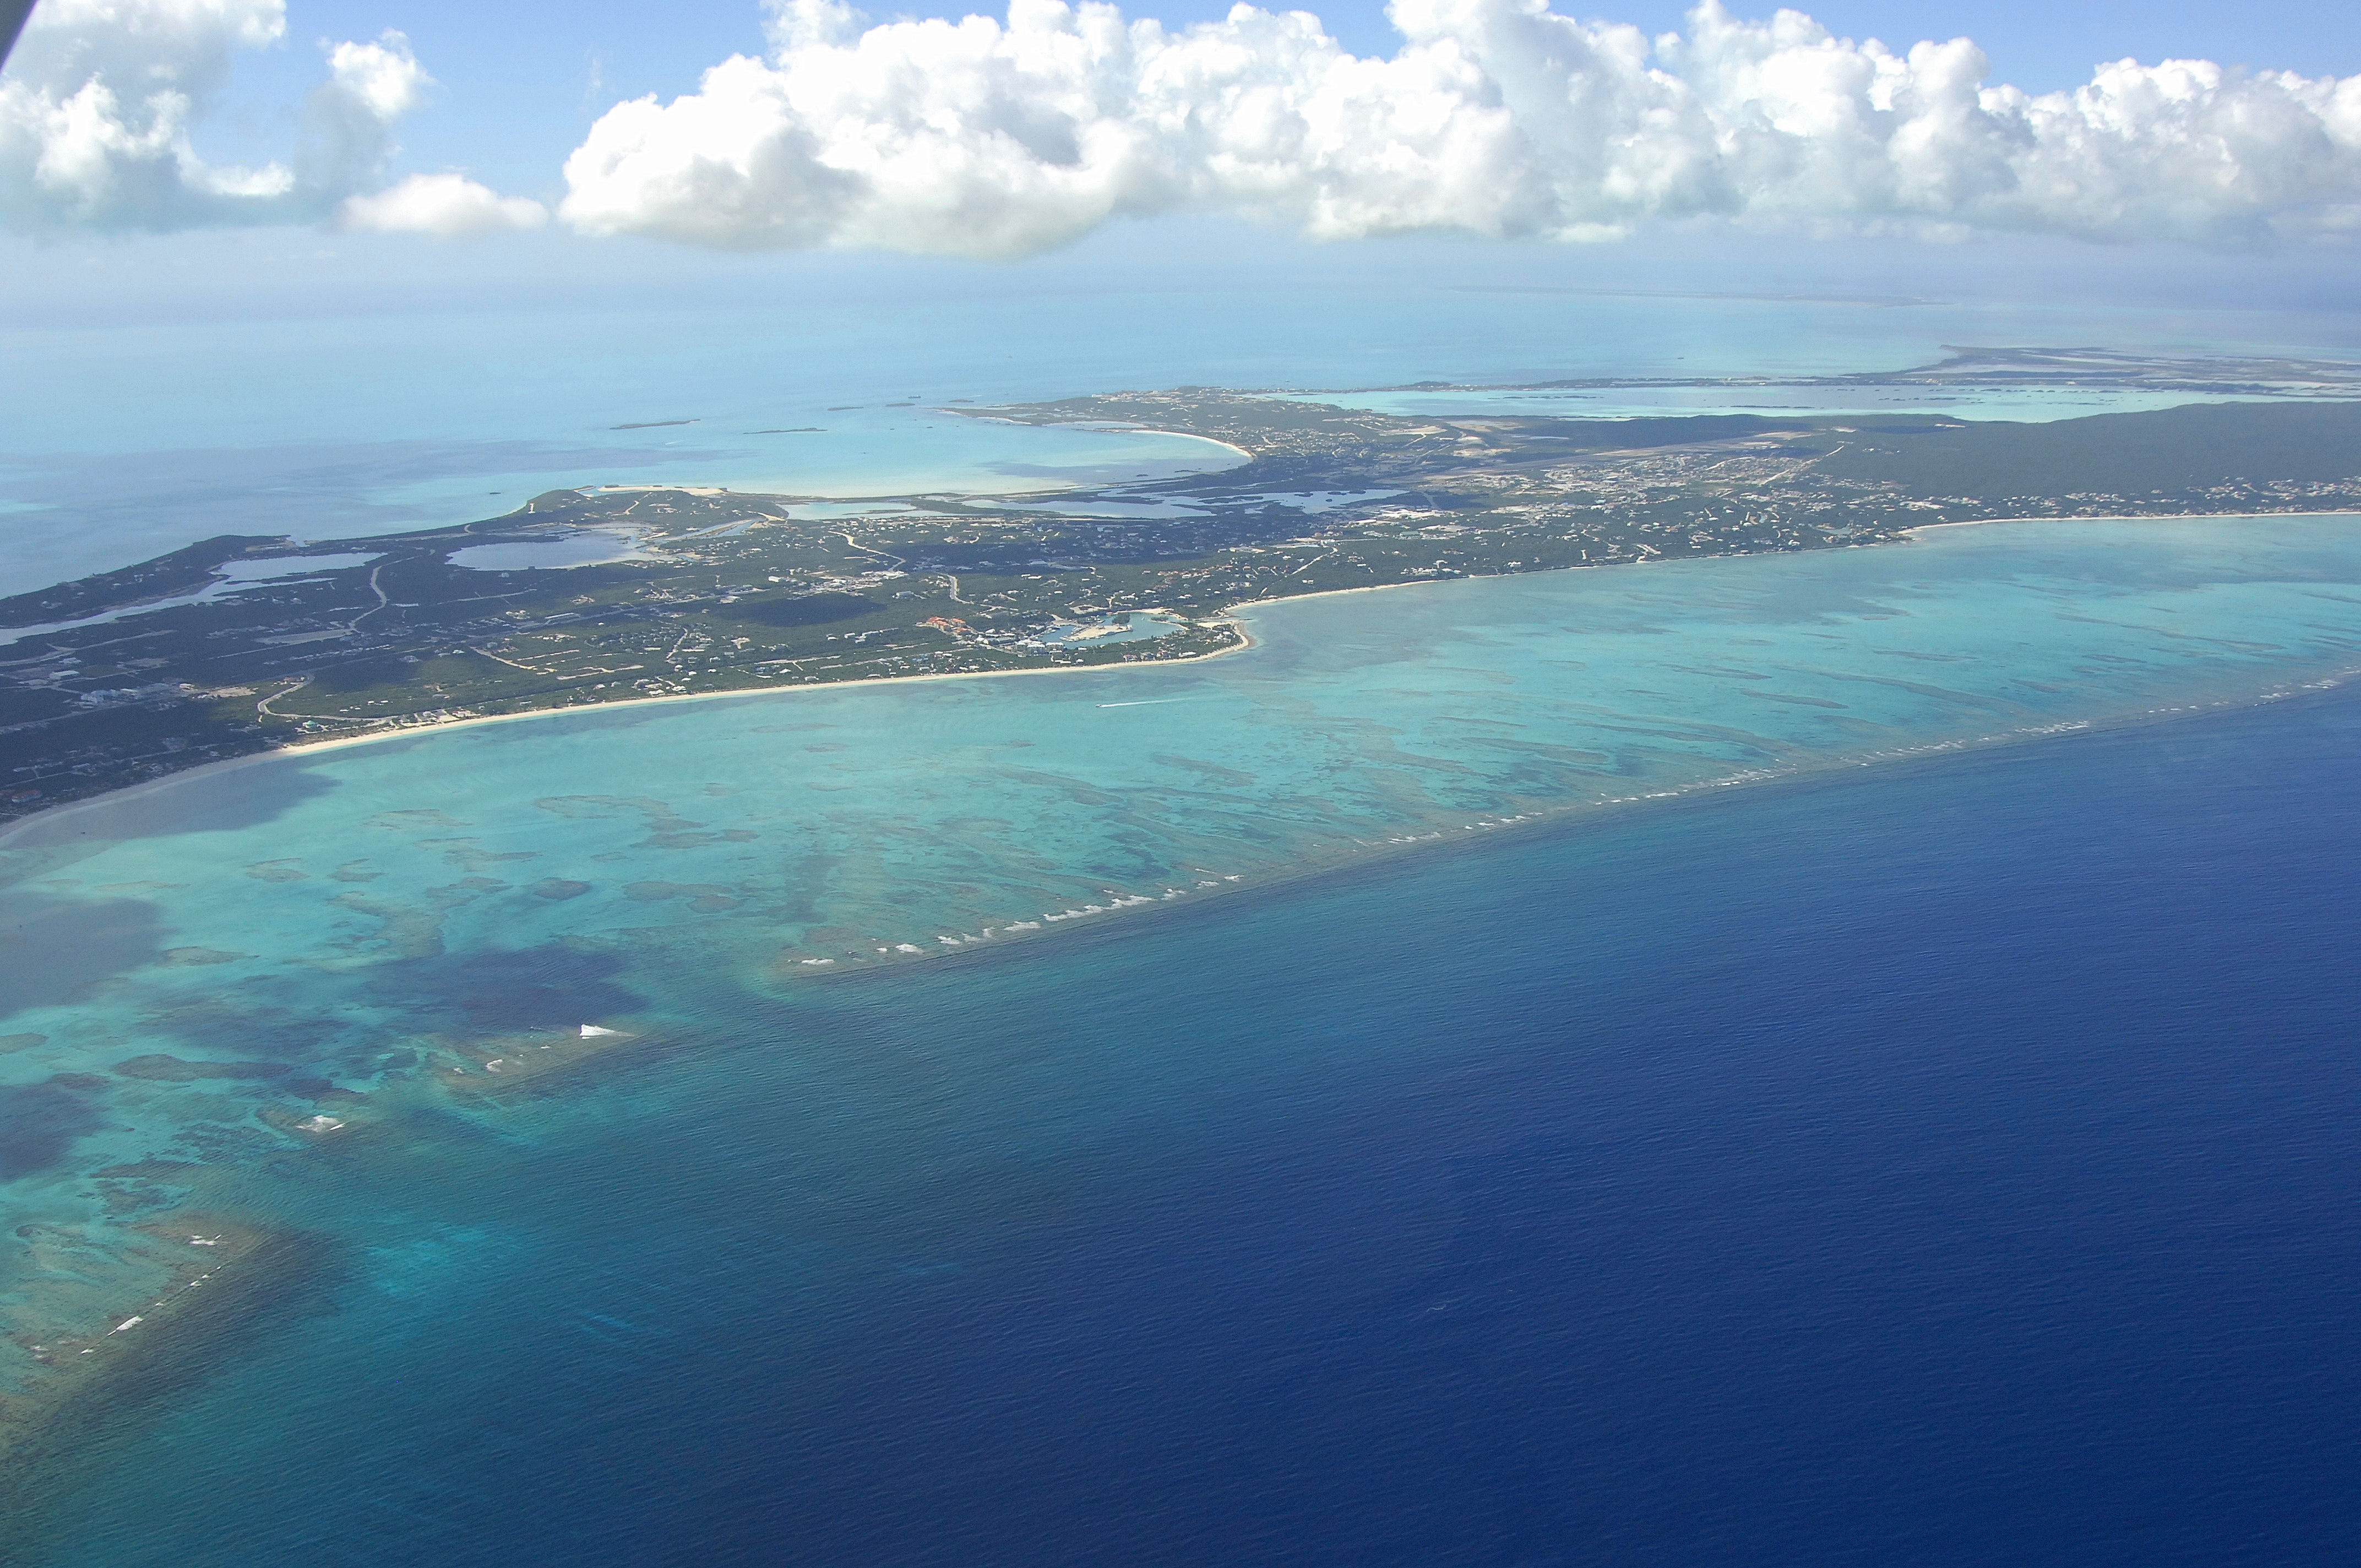 North Providenciales Island Harbor in Providenciales, Turks